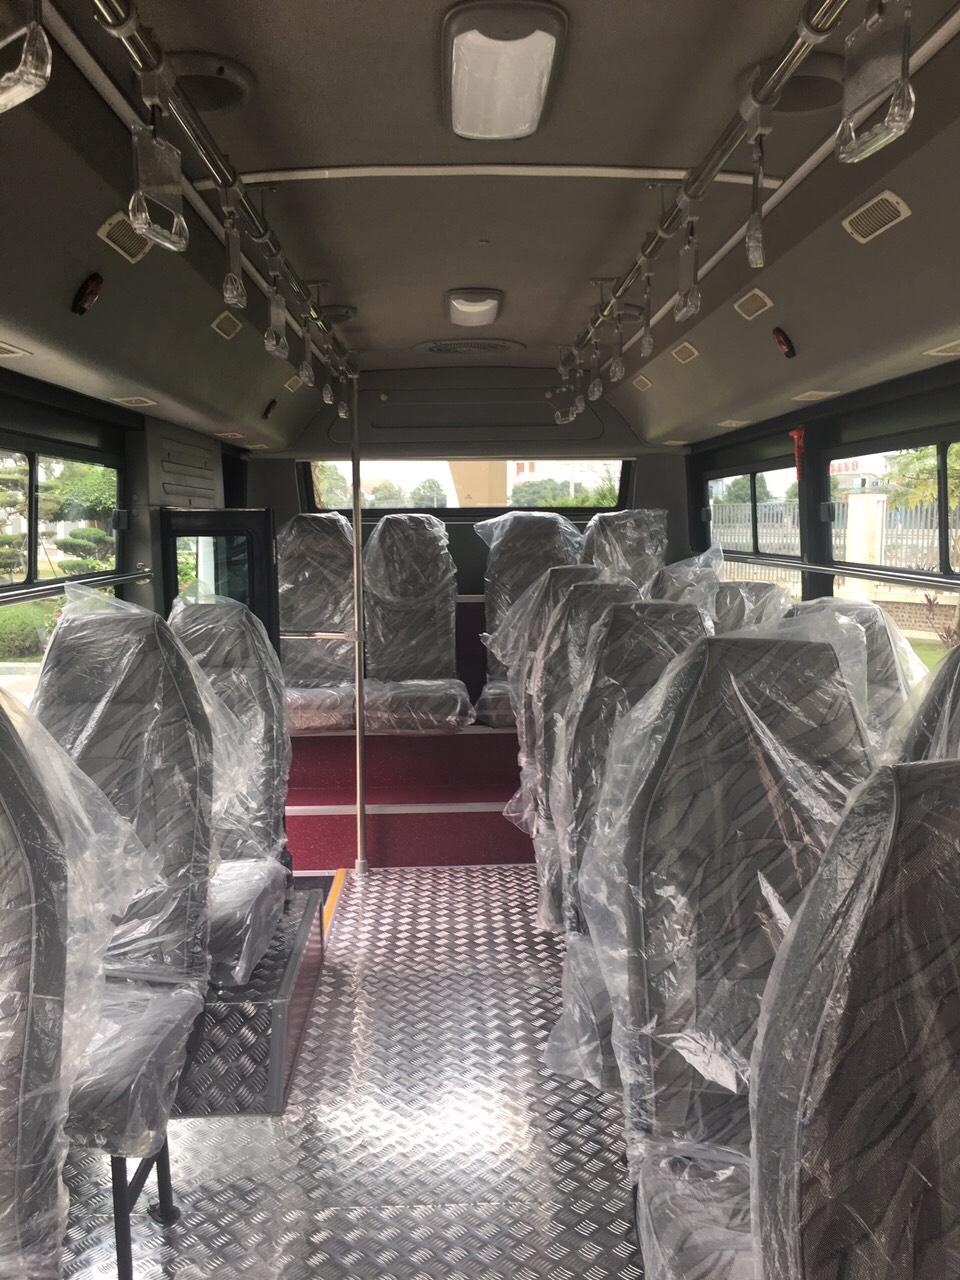 xe-bus-15-hd-b40-kieu-dang-new-city-5